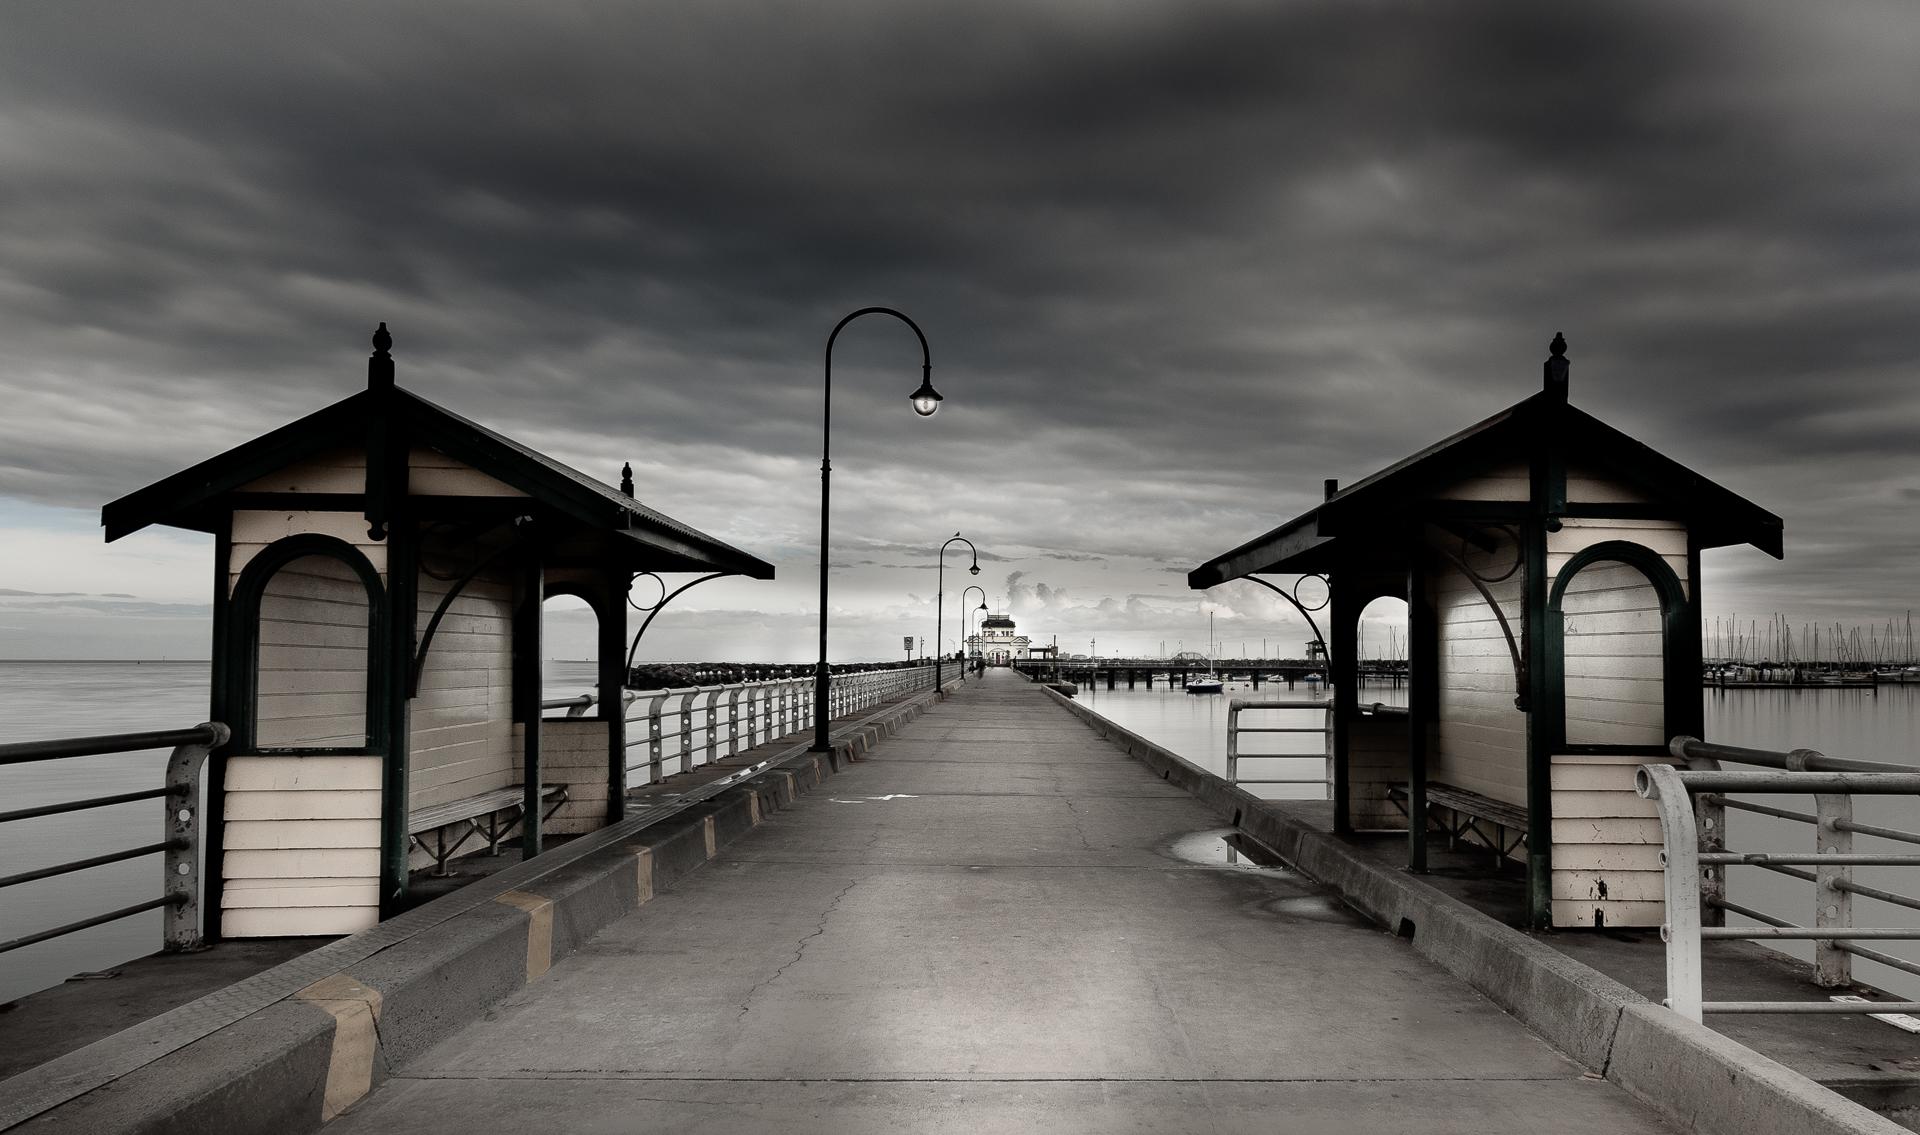 St Kilda Pier, Australia